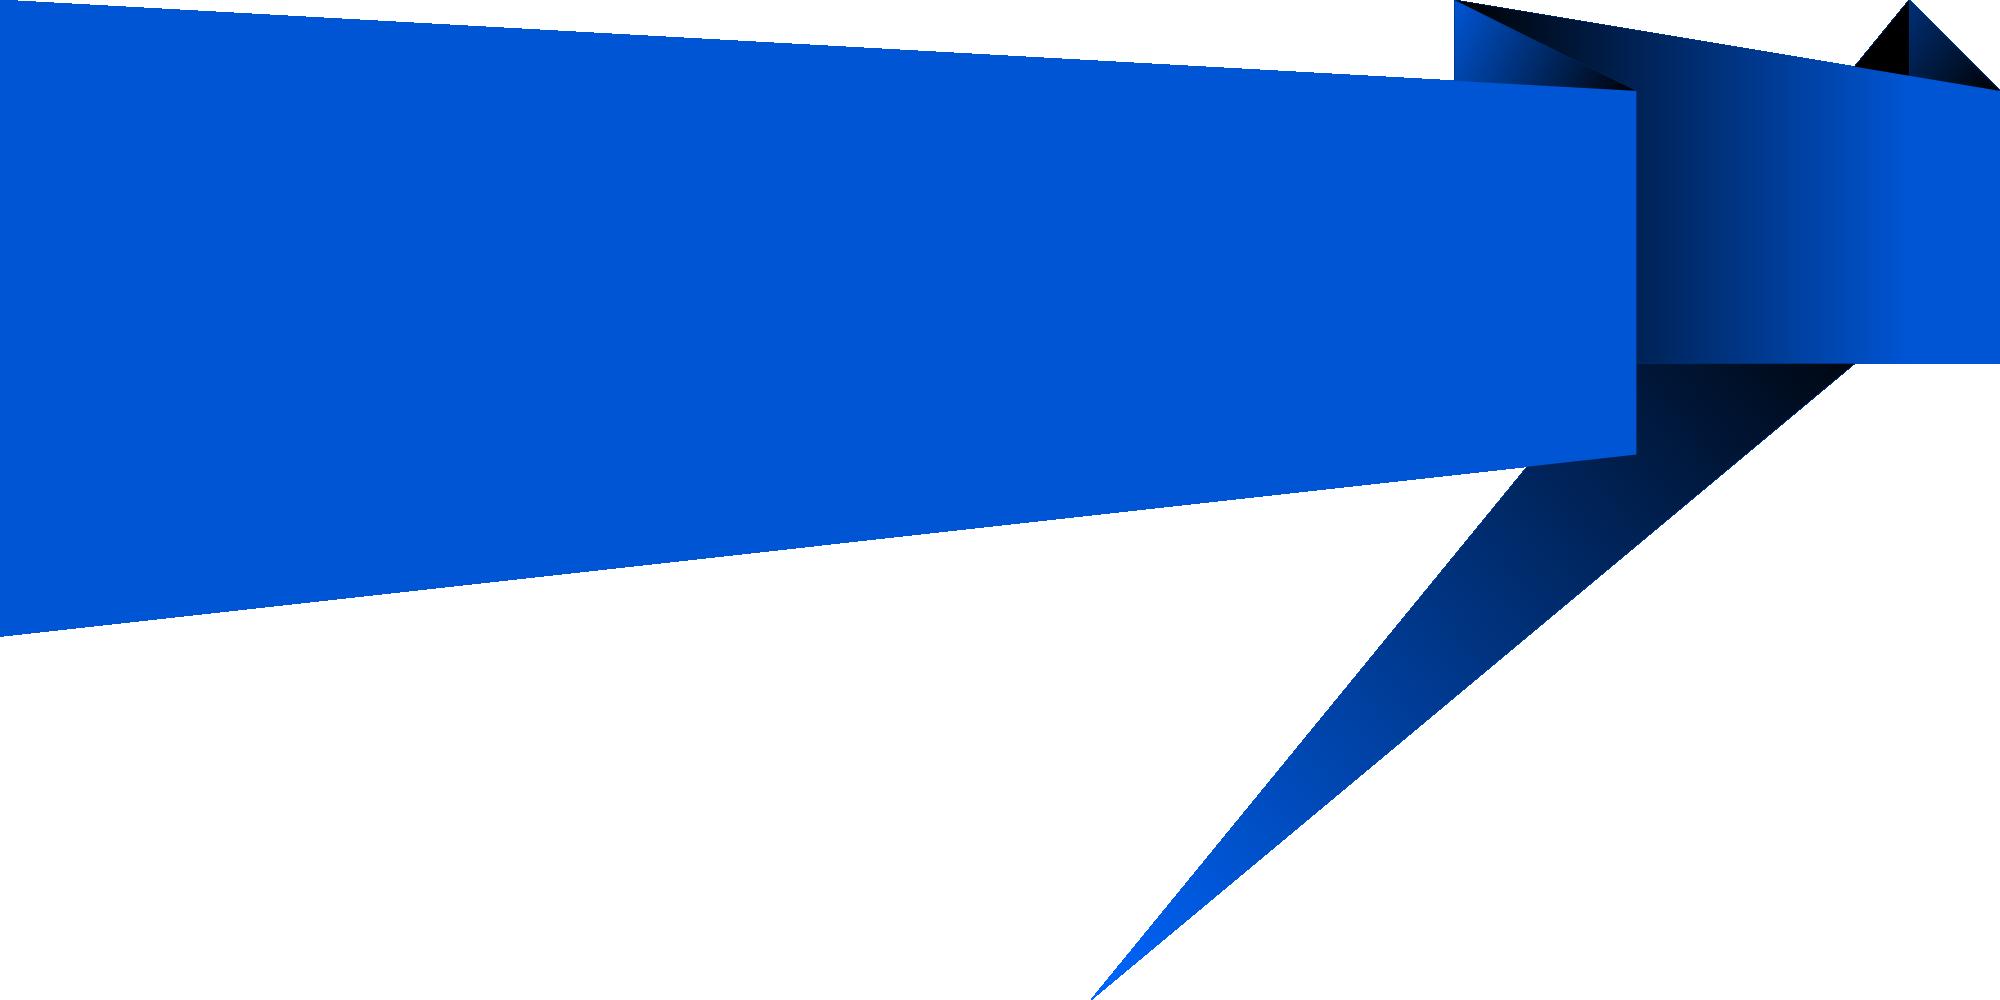 2000x1000 15 Blue Vector Png For Free Download On Mbtskoudsalg